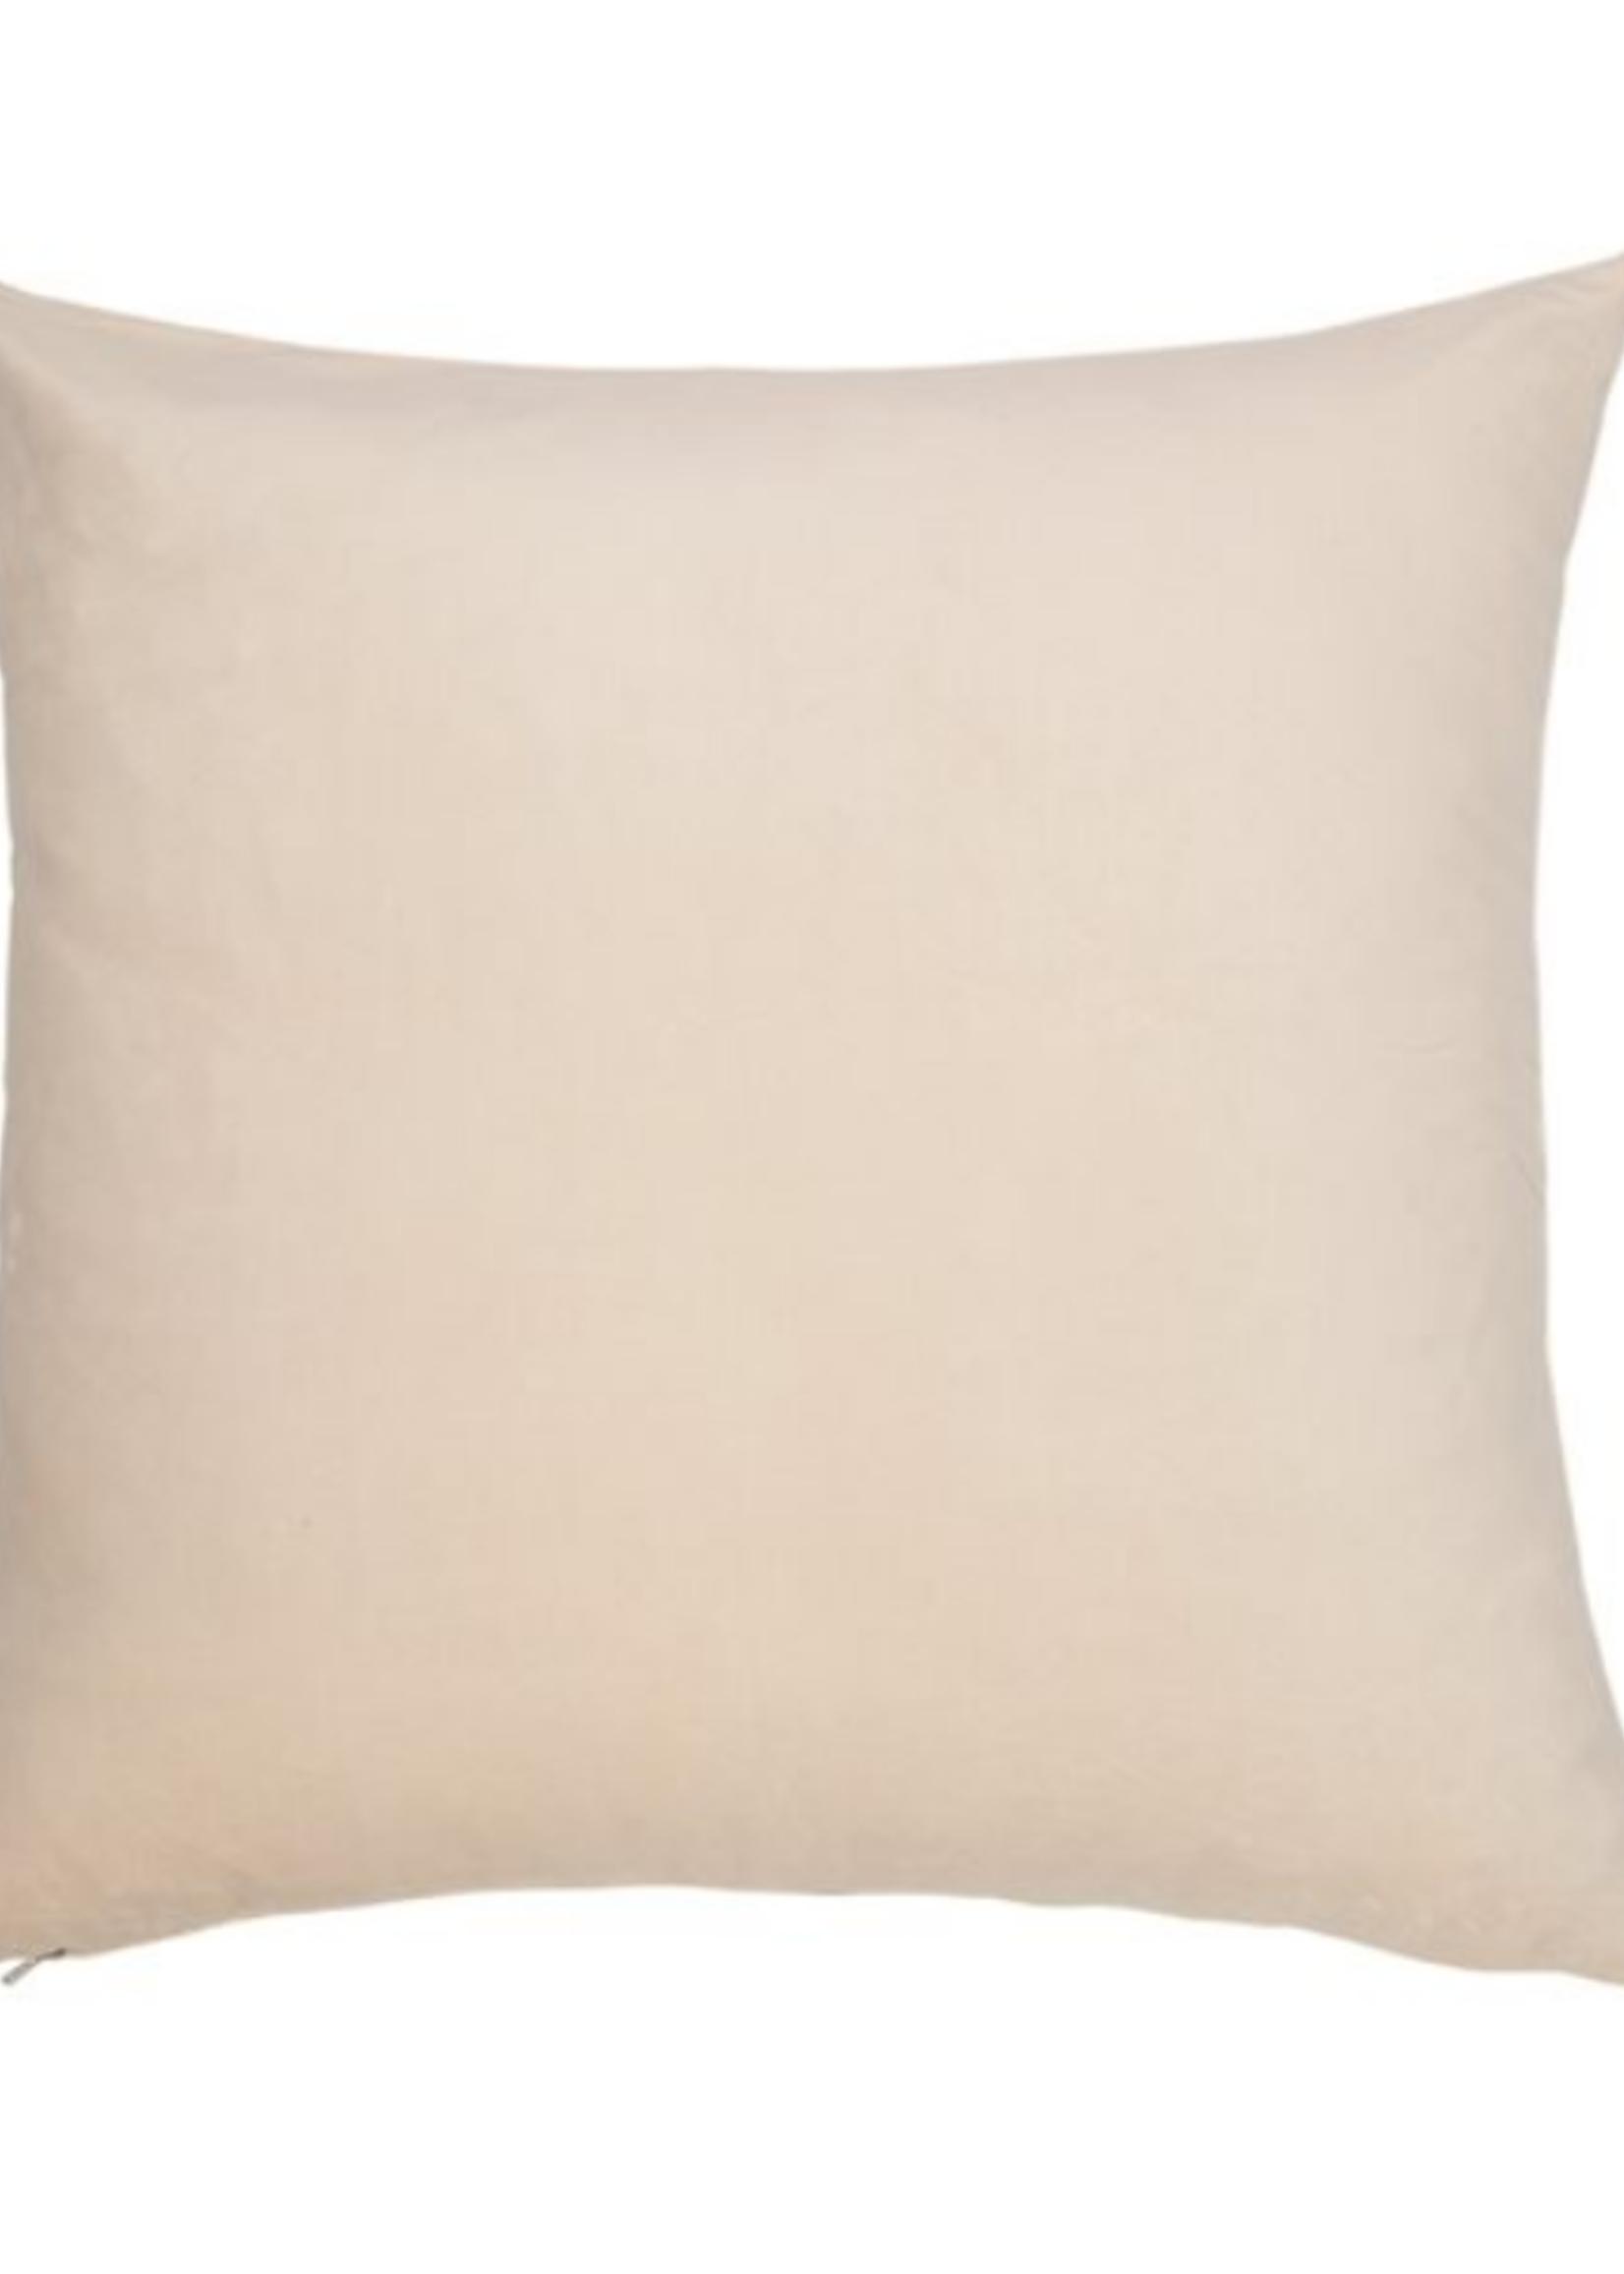 European Pillow Cream Velvet